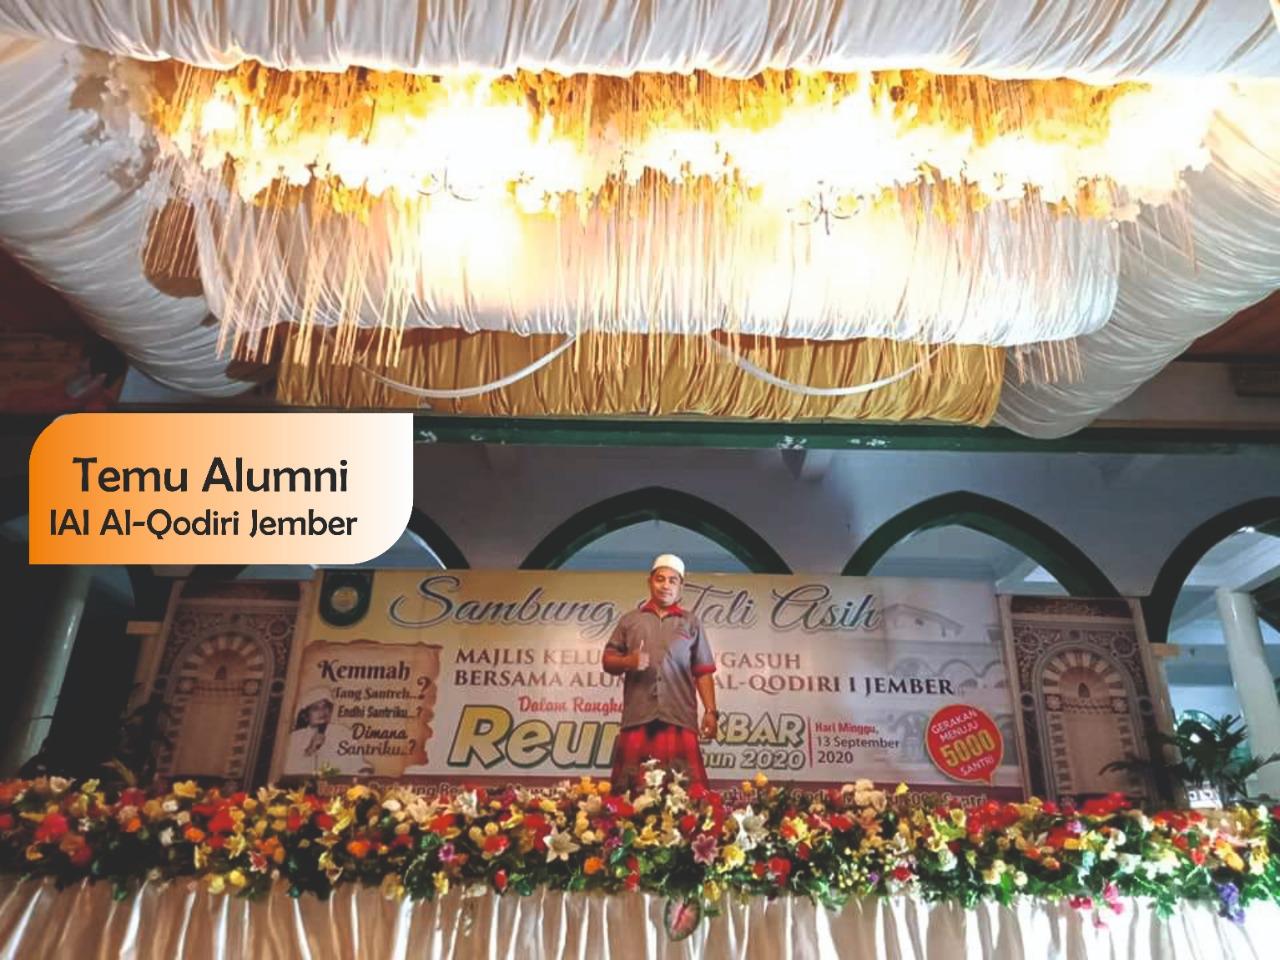 Mahasiswa IAI Al-Qodiri Jember Juara 2 Lomba Karya Tulis Ilmiah Tingkat Nasional Universitas Darussalam Gontor